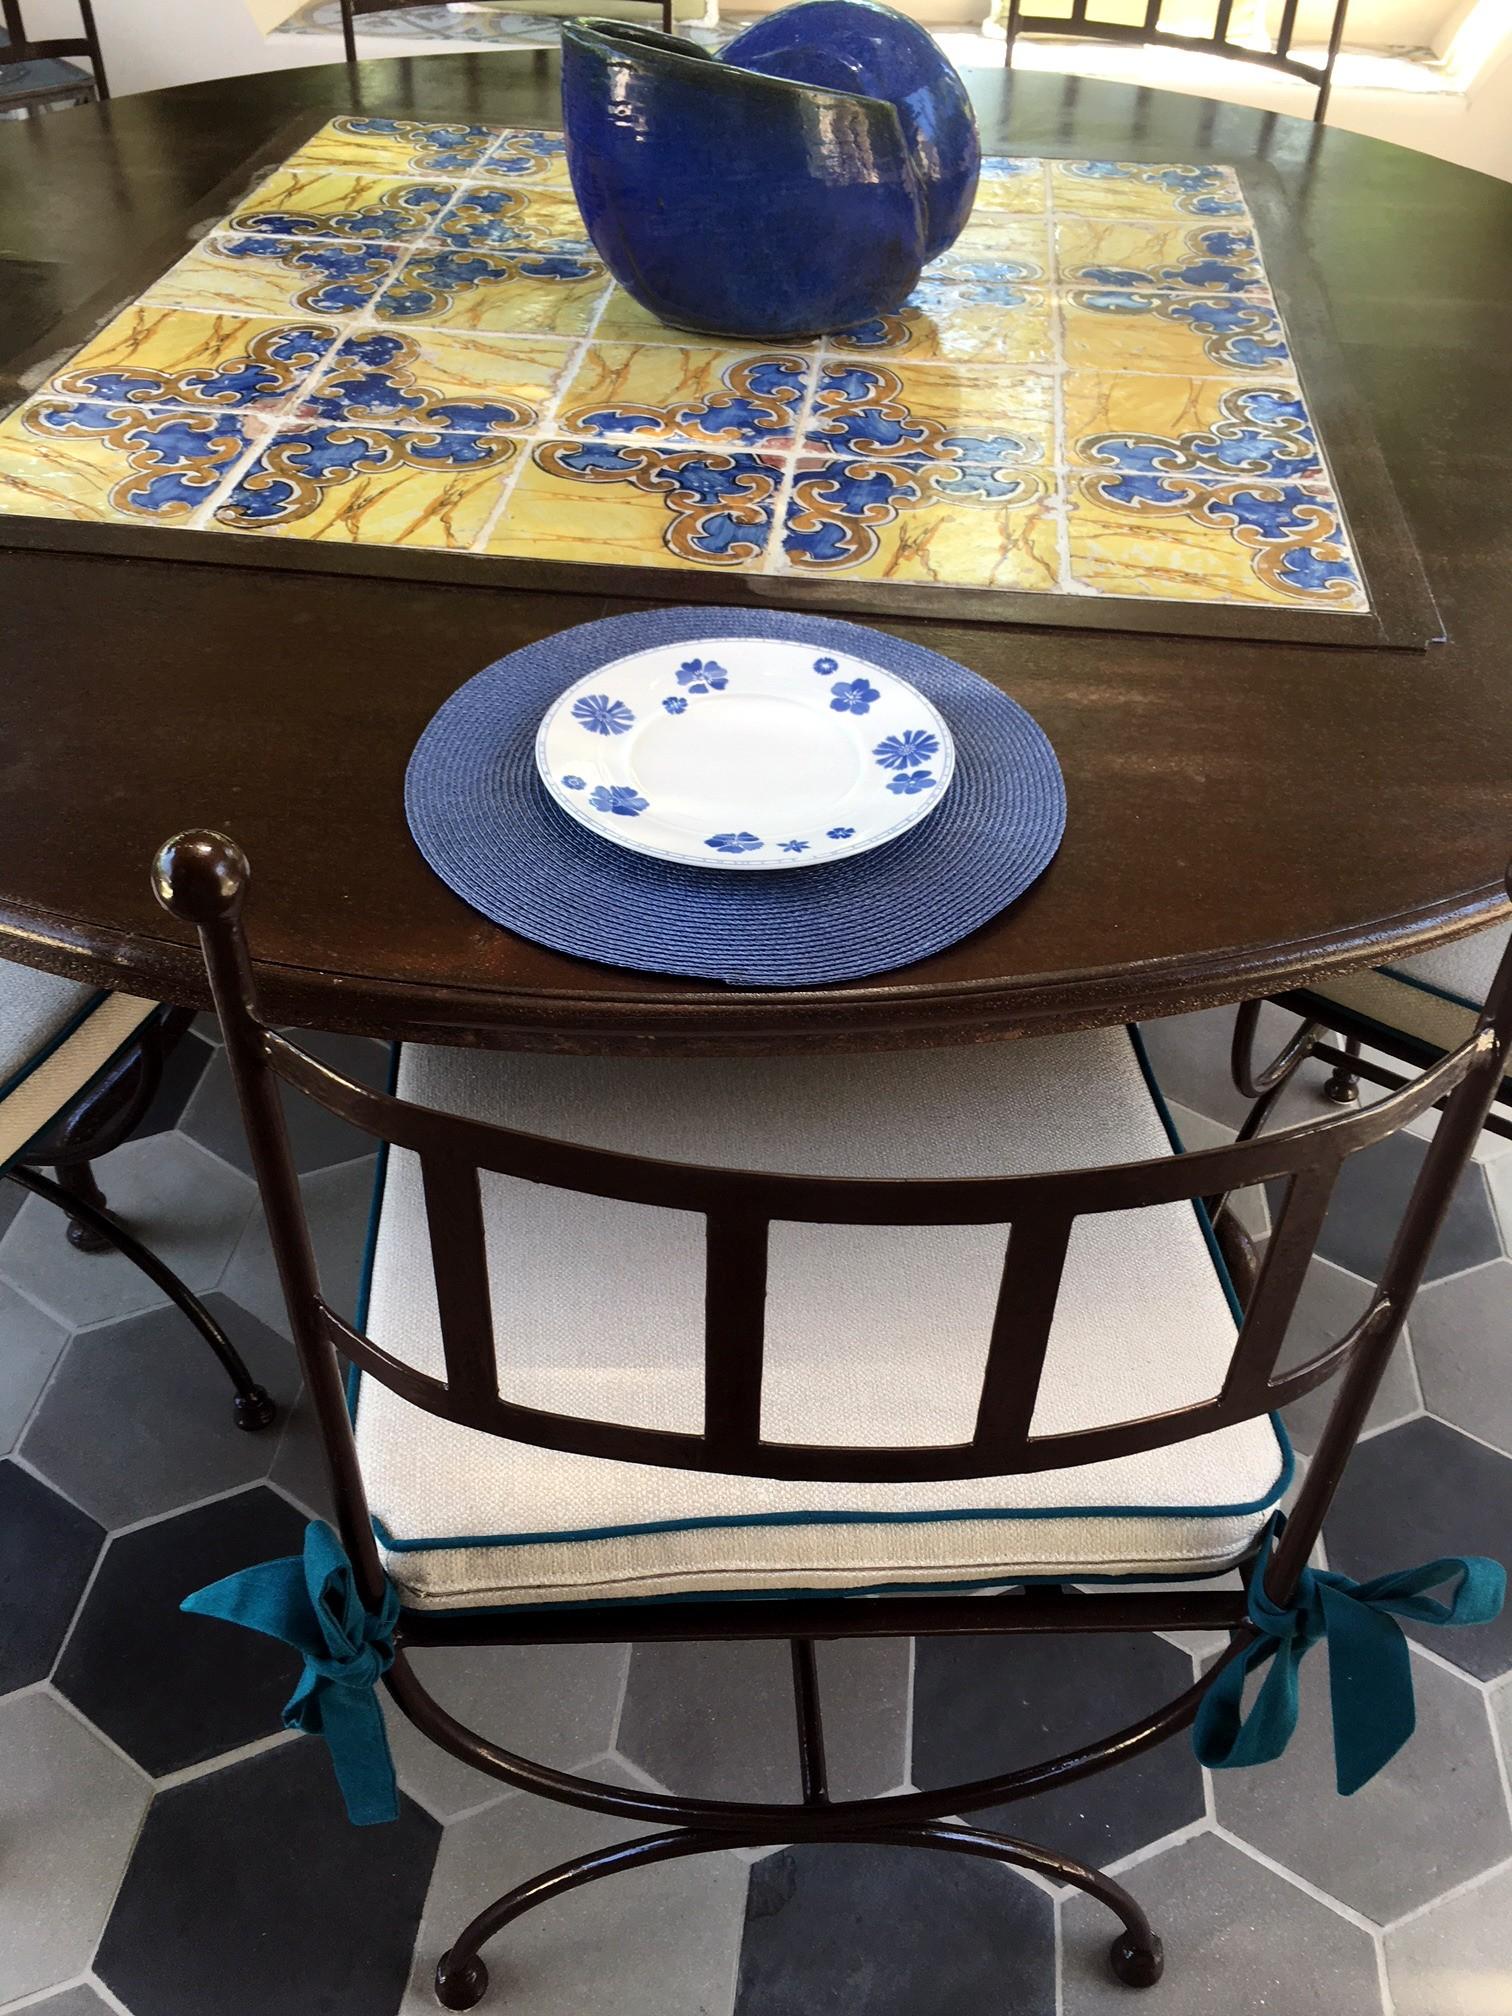 Tavoli con piastrelle tavoli con piastrelle telaio in - Tavoli per esterno ikea ...